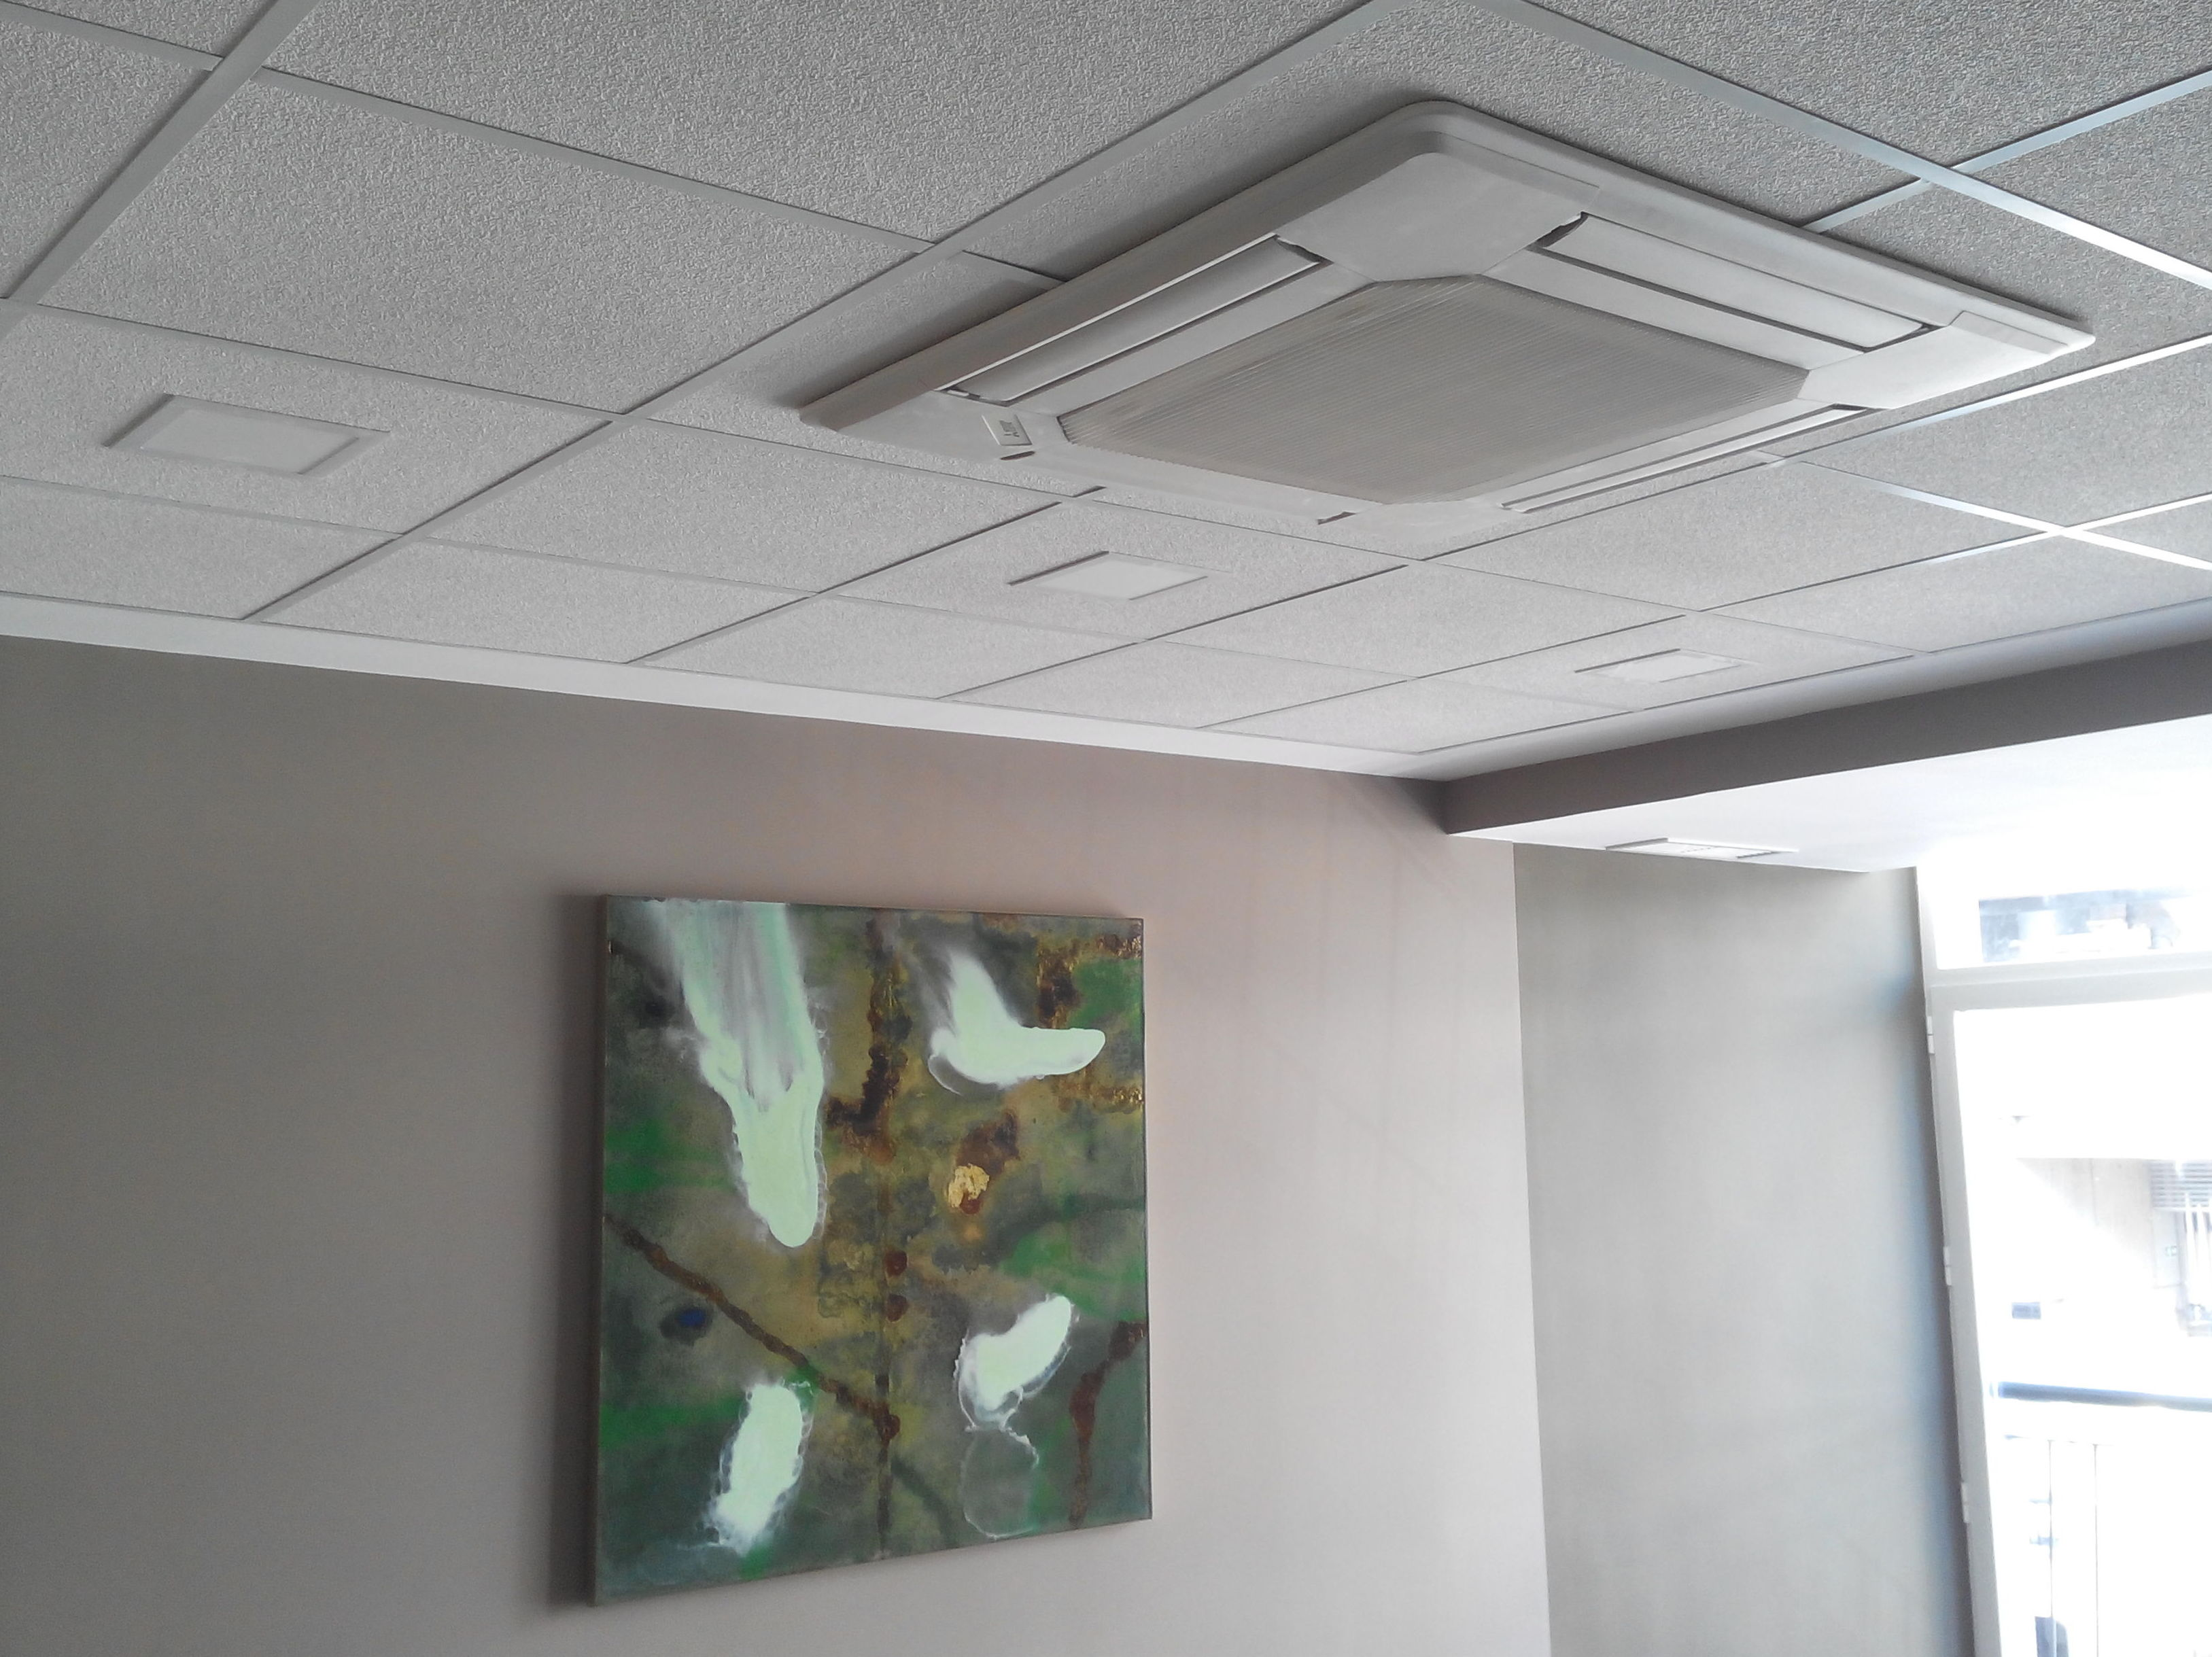 Aire acondicionado en sala de formación